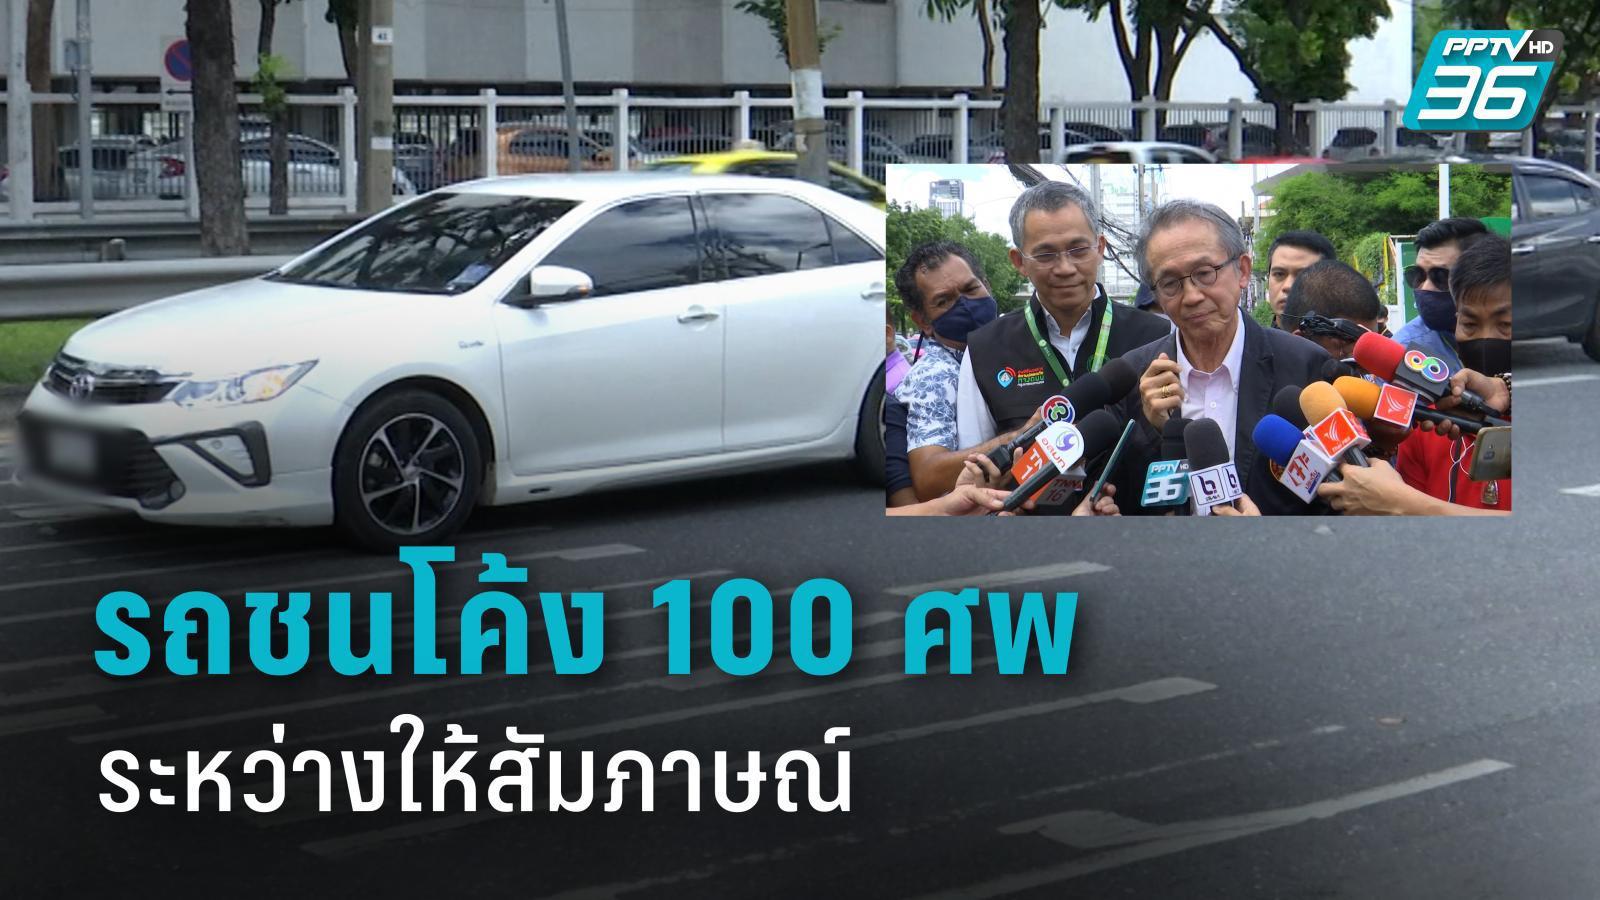 ตะลึงทั้งวง! วิศวกรรมสถาน ยืนสัมภาษณ์แก้โค้ง 100 ศพรัชดาฯ เจอรถชนต่อหน้าต่อตา!